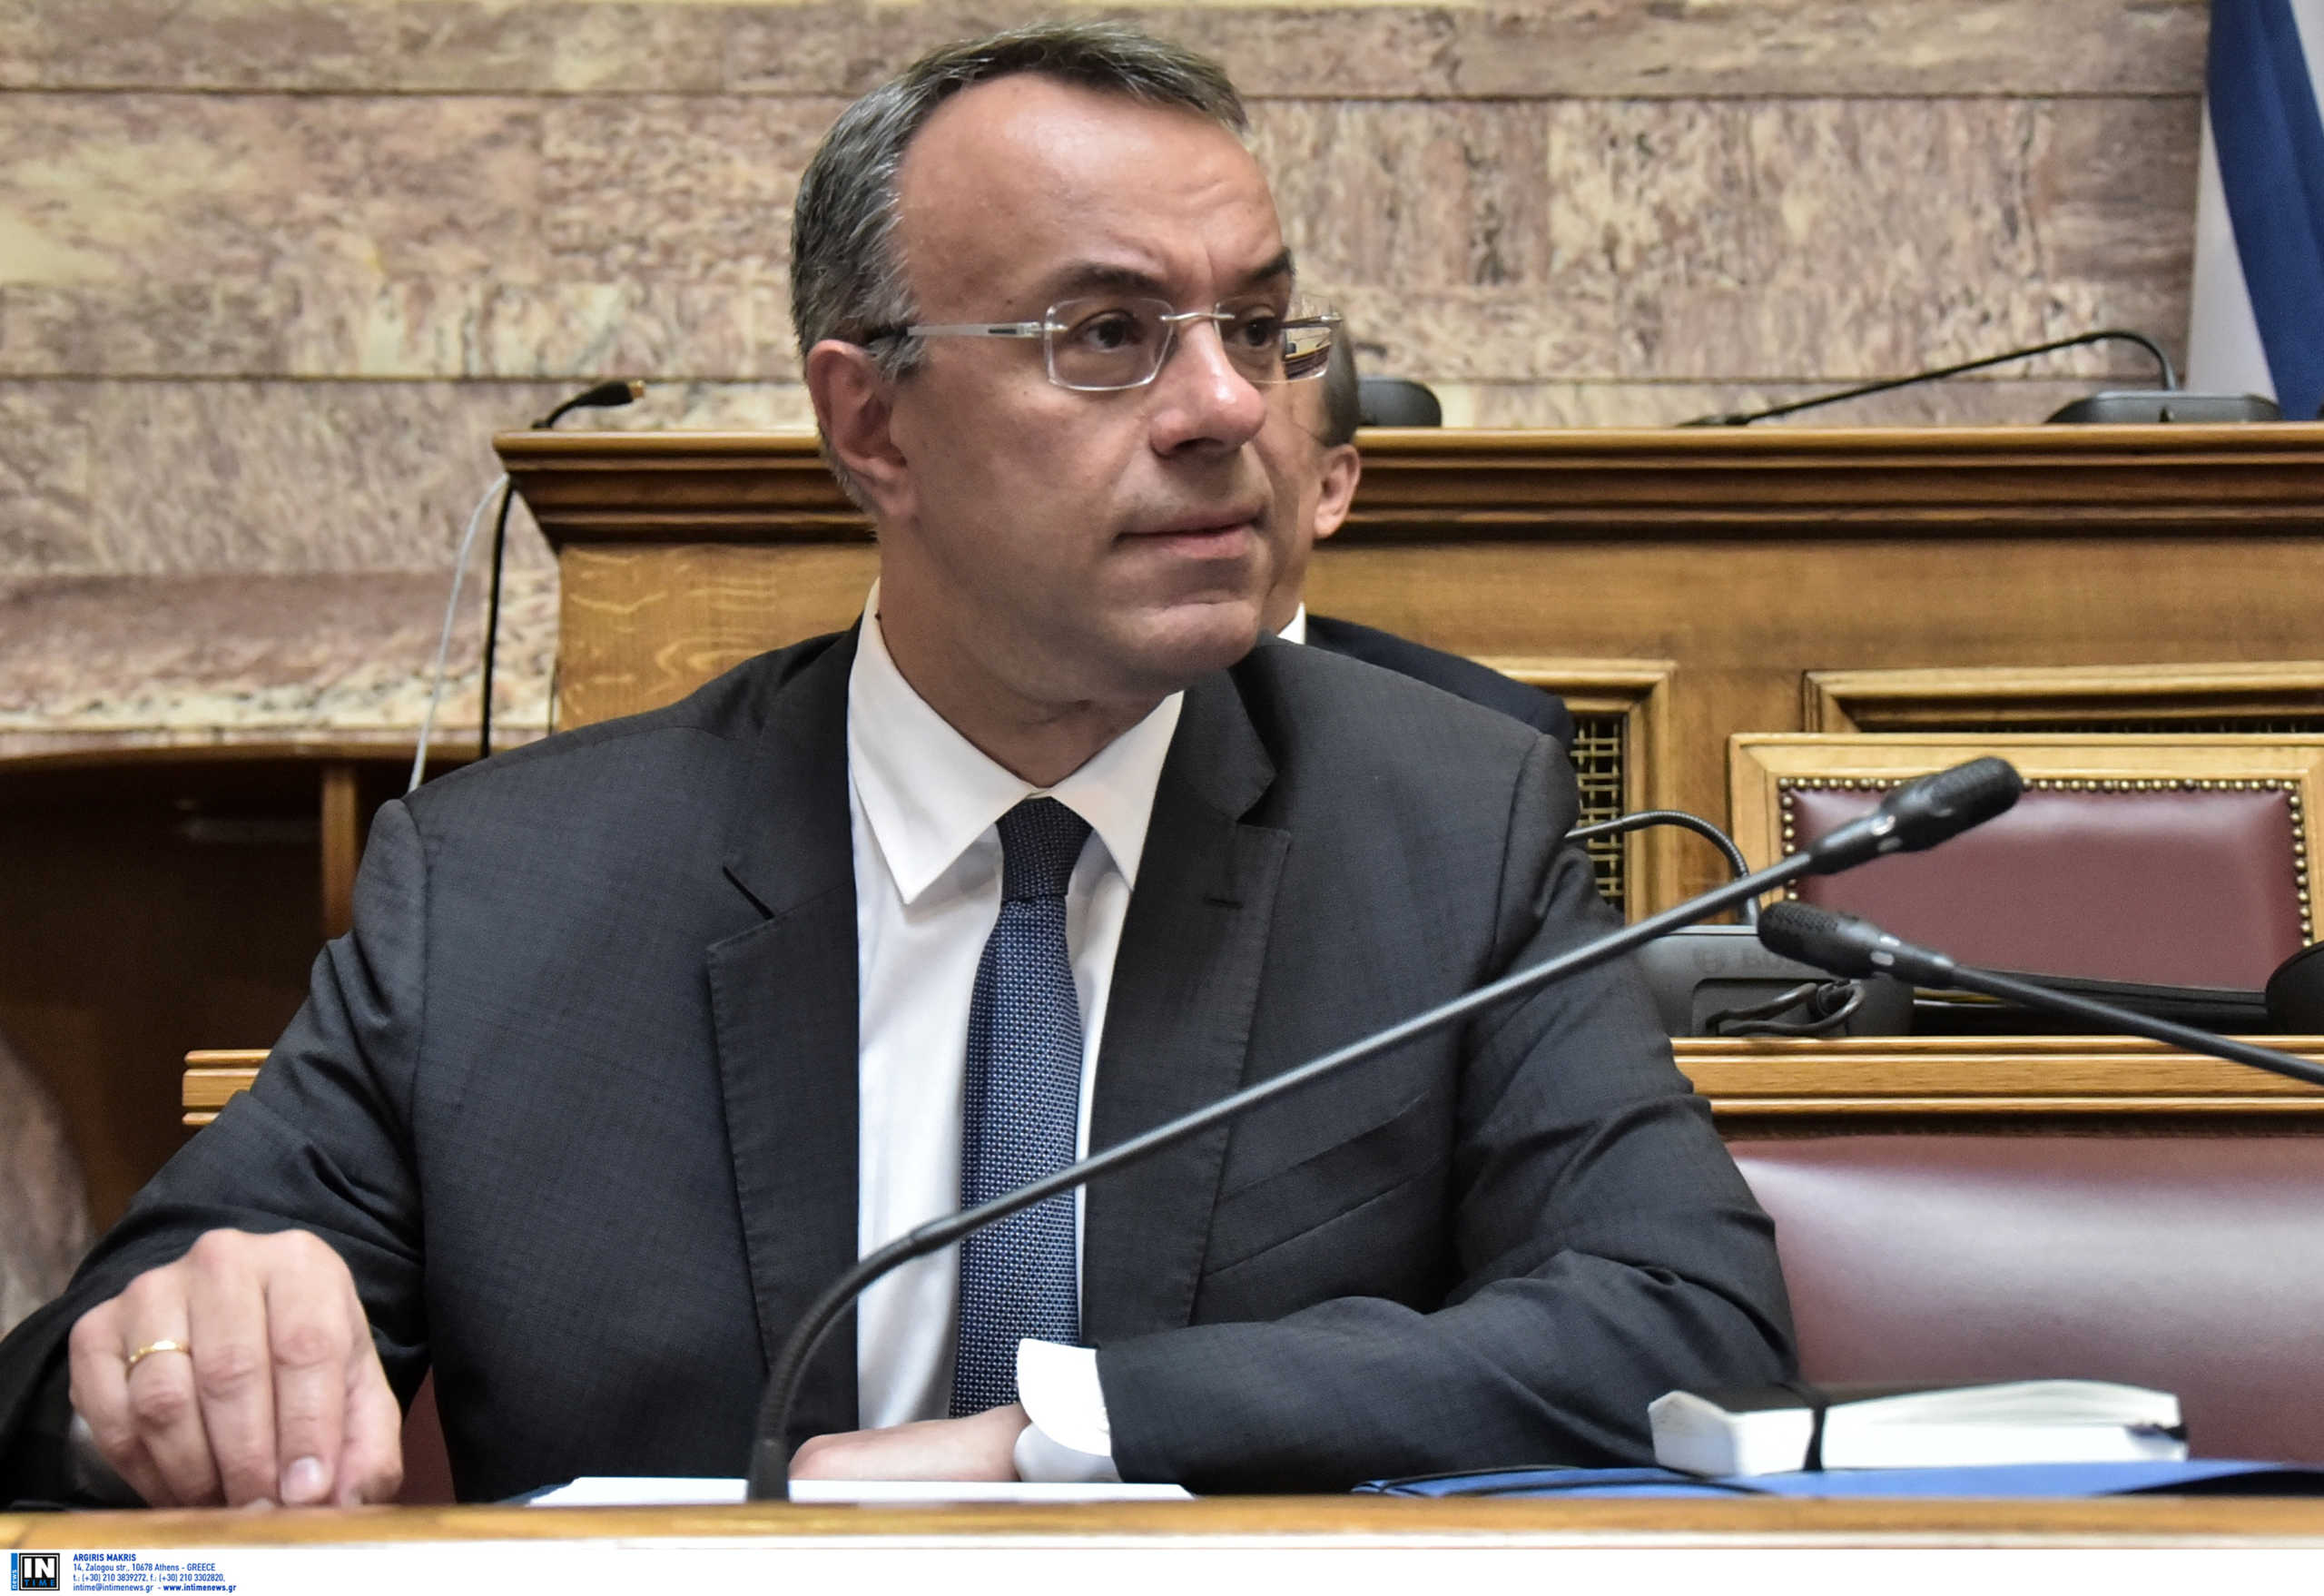 Σταϊκούρας: Έτοιμο να στηρίξει τις επιλογές της κυβέρνησης για την πανδημία το υπουργείο Οικονομικών